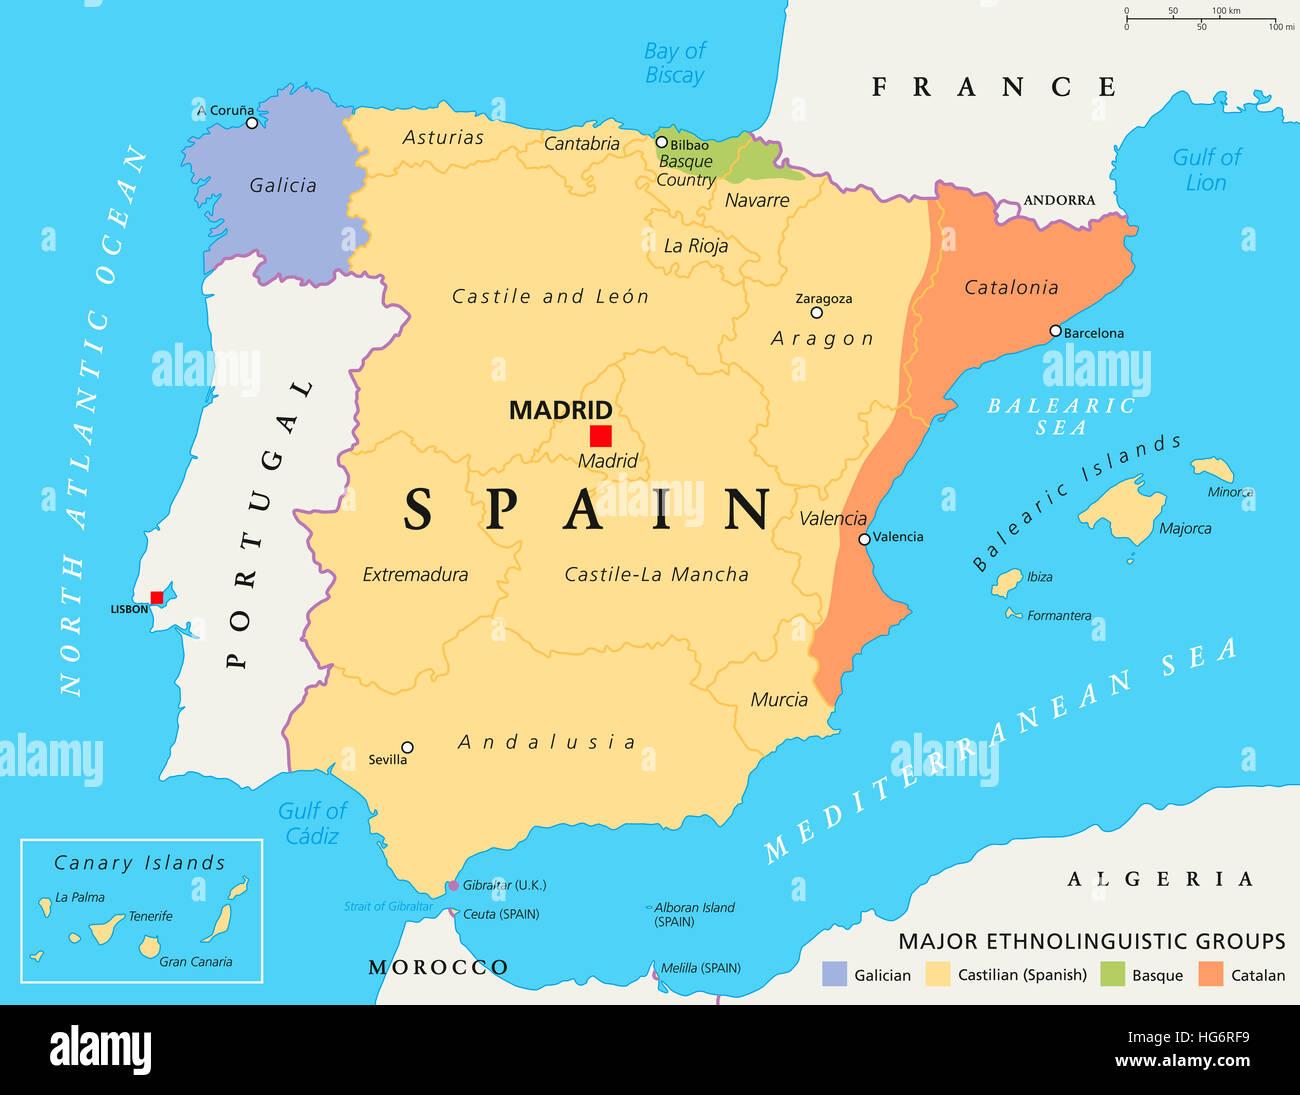 Autonome Regionen Spanien Karte.Autonome Gemeinschaften Von Spanien Karte Administrative